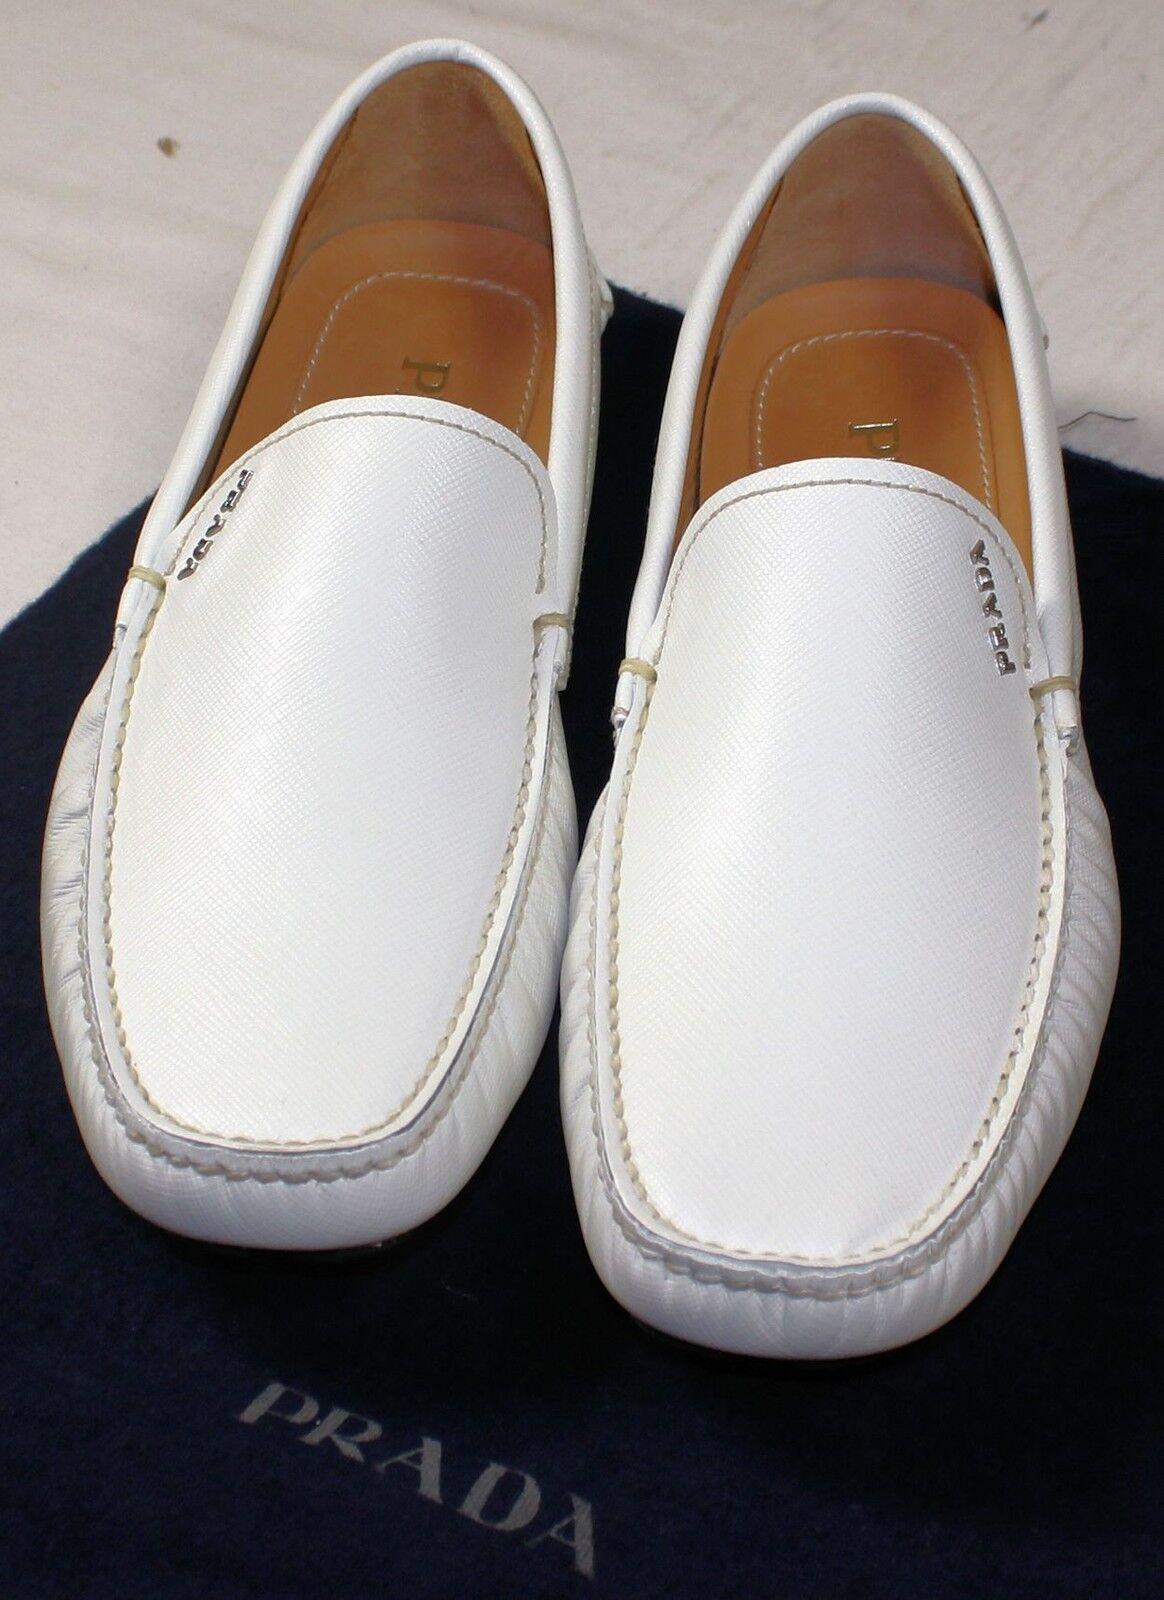 Scarpe casual da uomo  PRADA SHOES WHITE SAFFIANO LEATHER LOGO SCRIPT ORNAuomoTED DRIVER 7.5 40.5 NEW